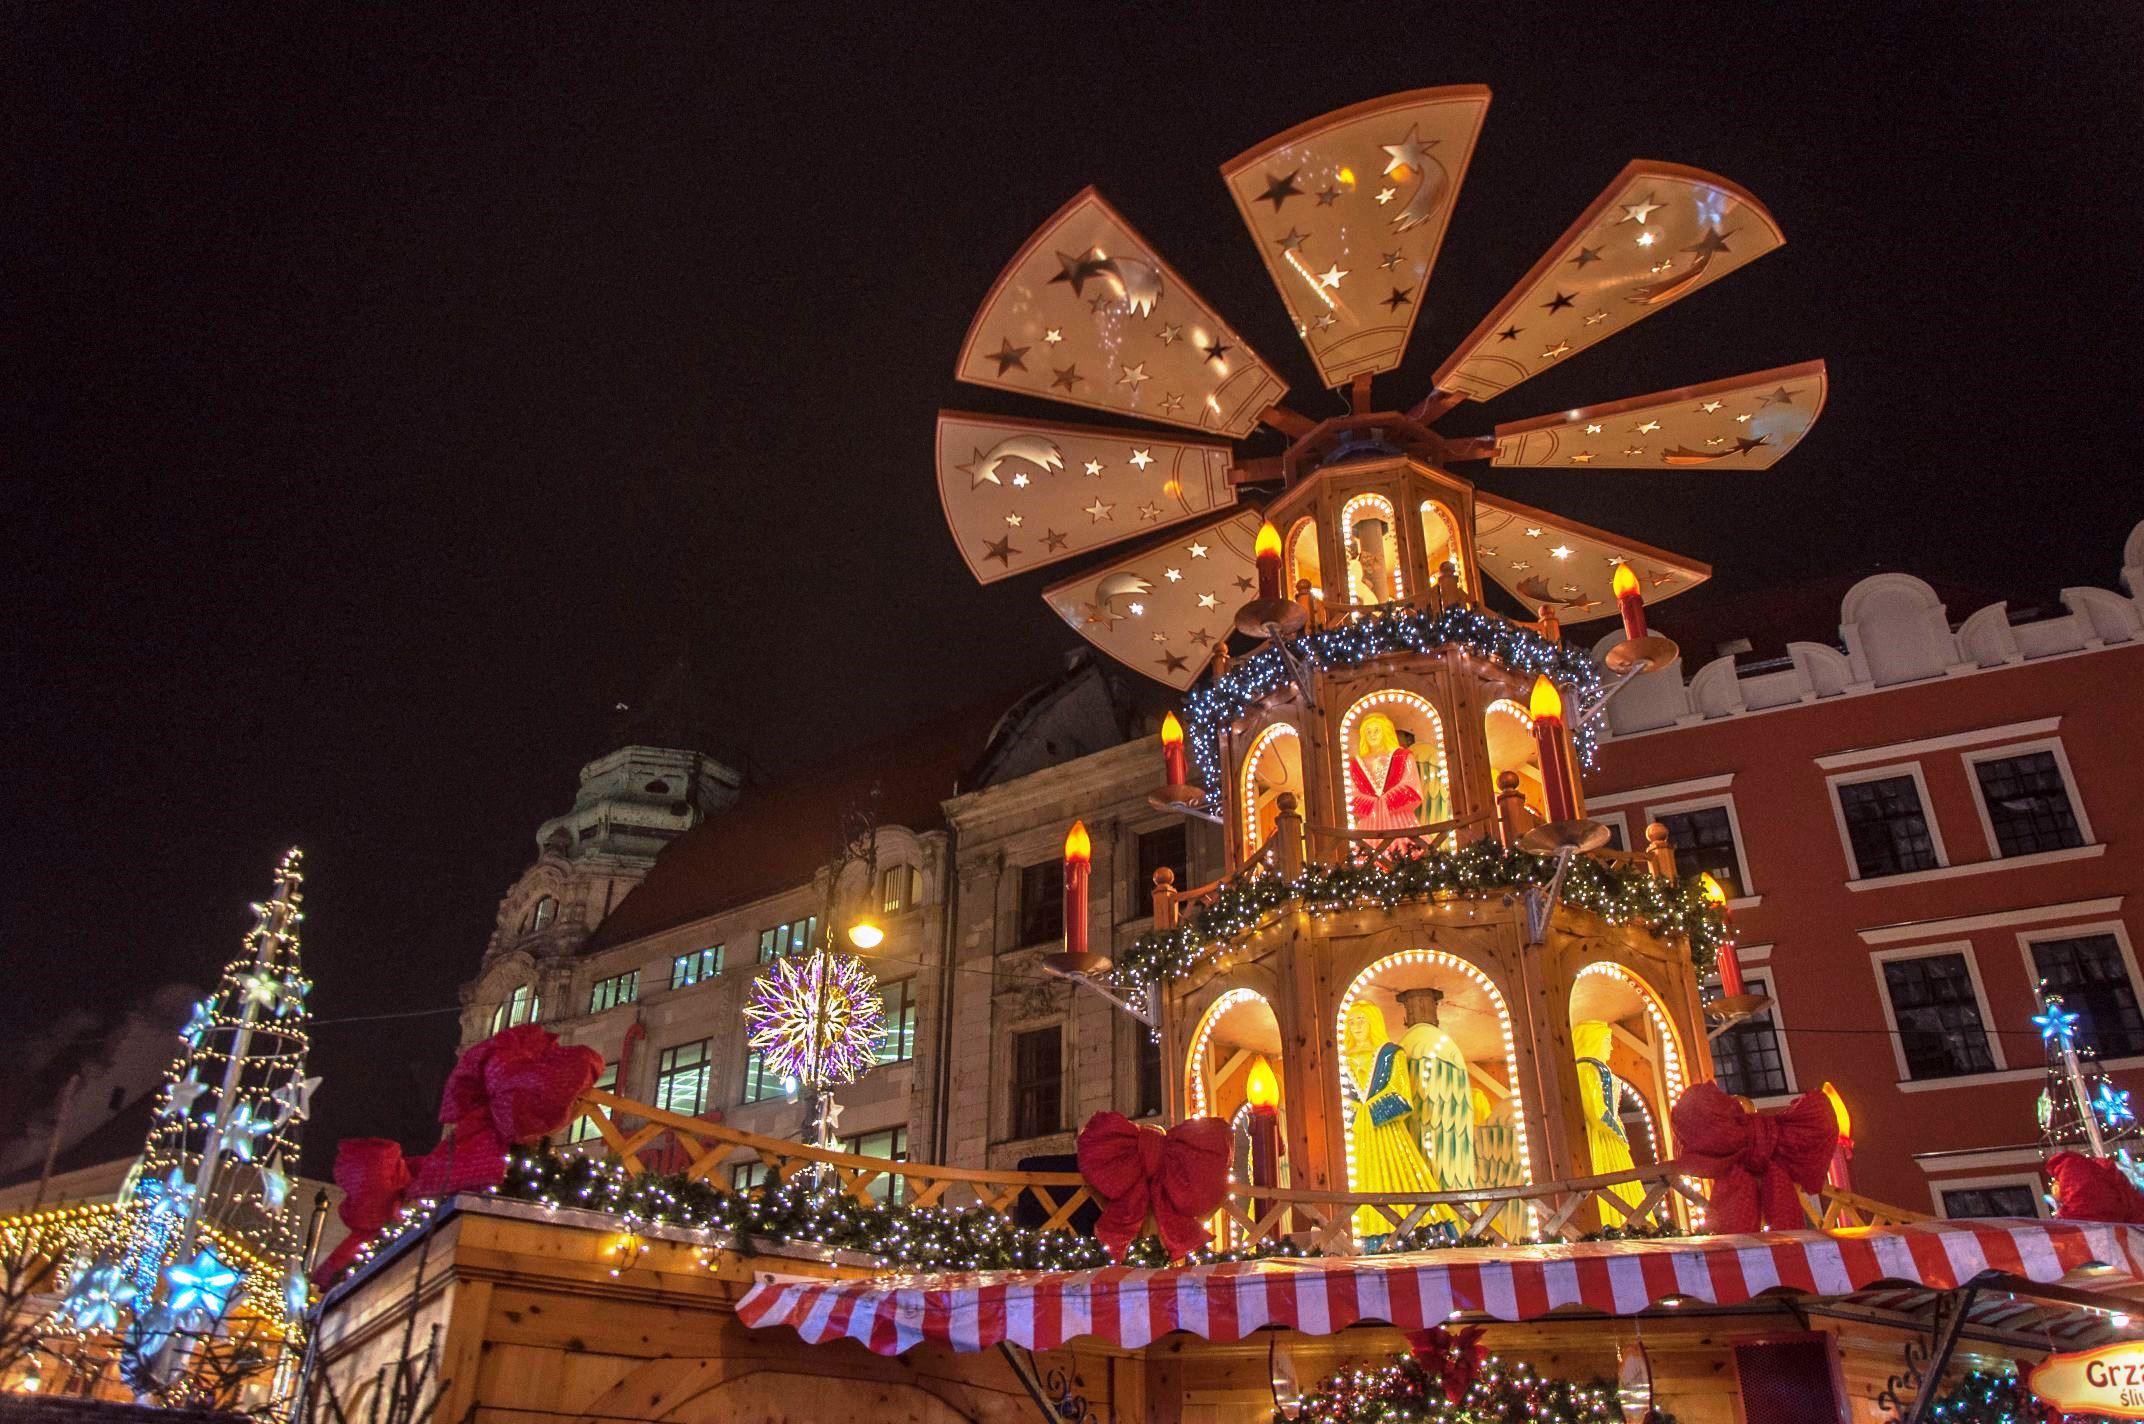 Wann Ist Weihnachtsmarkt 2019.Weihnachtsmarkt 2019 Visitwroclaw Eu